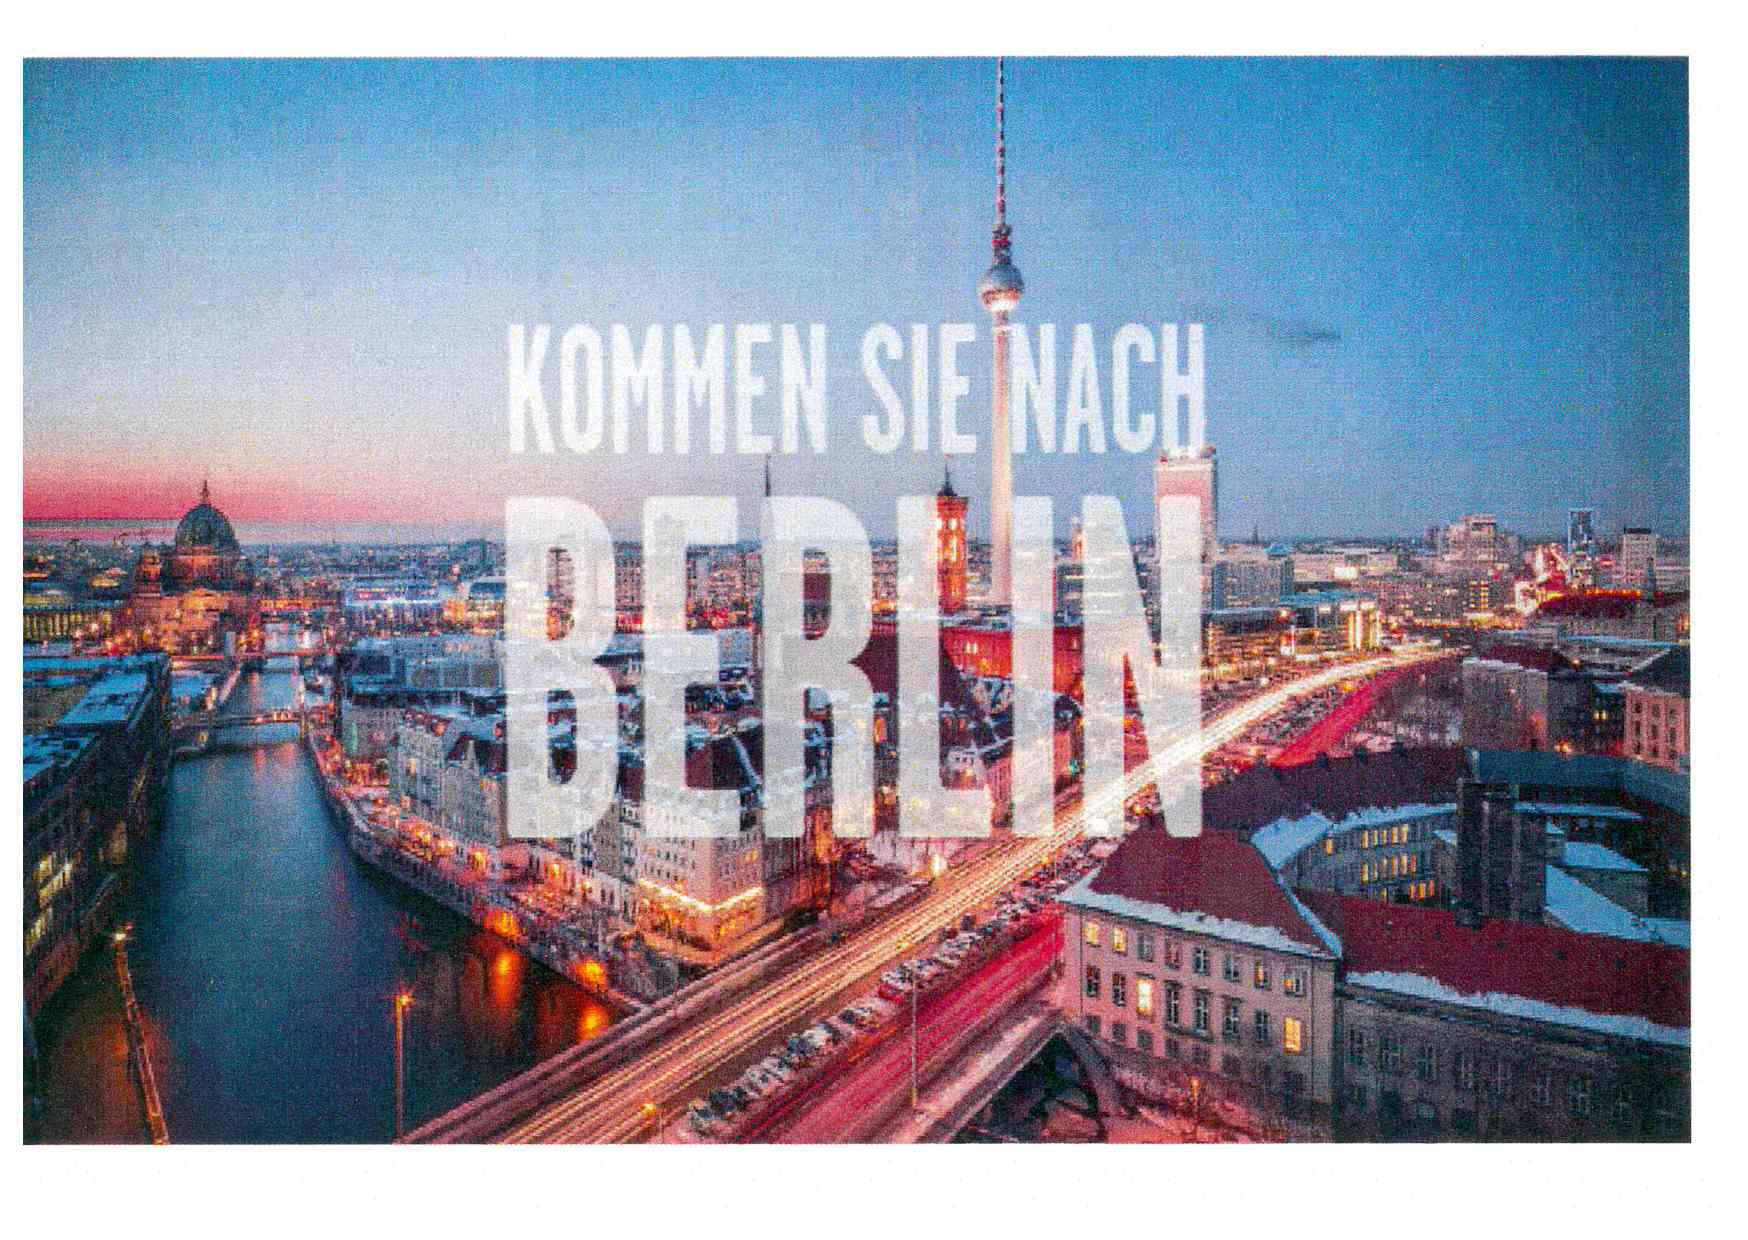 Kommen_Sie_nach_Berlin